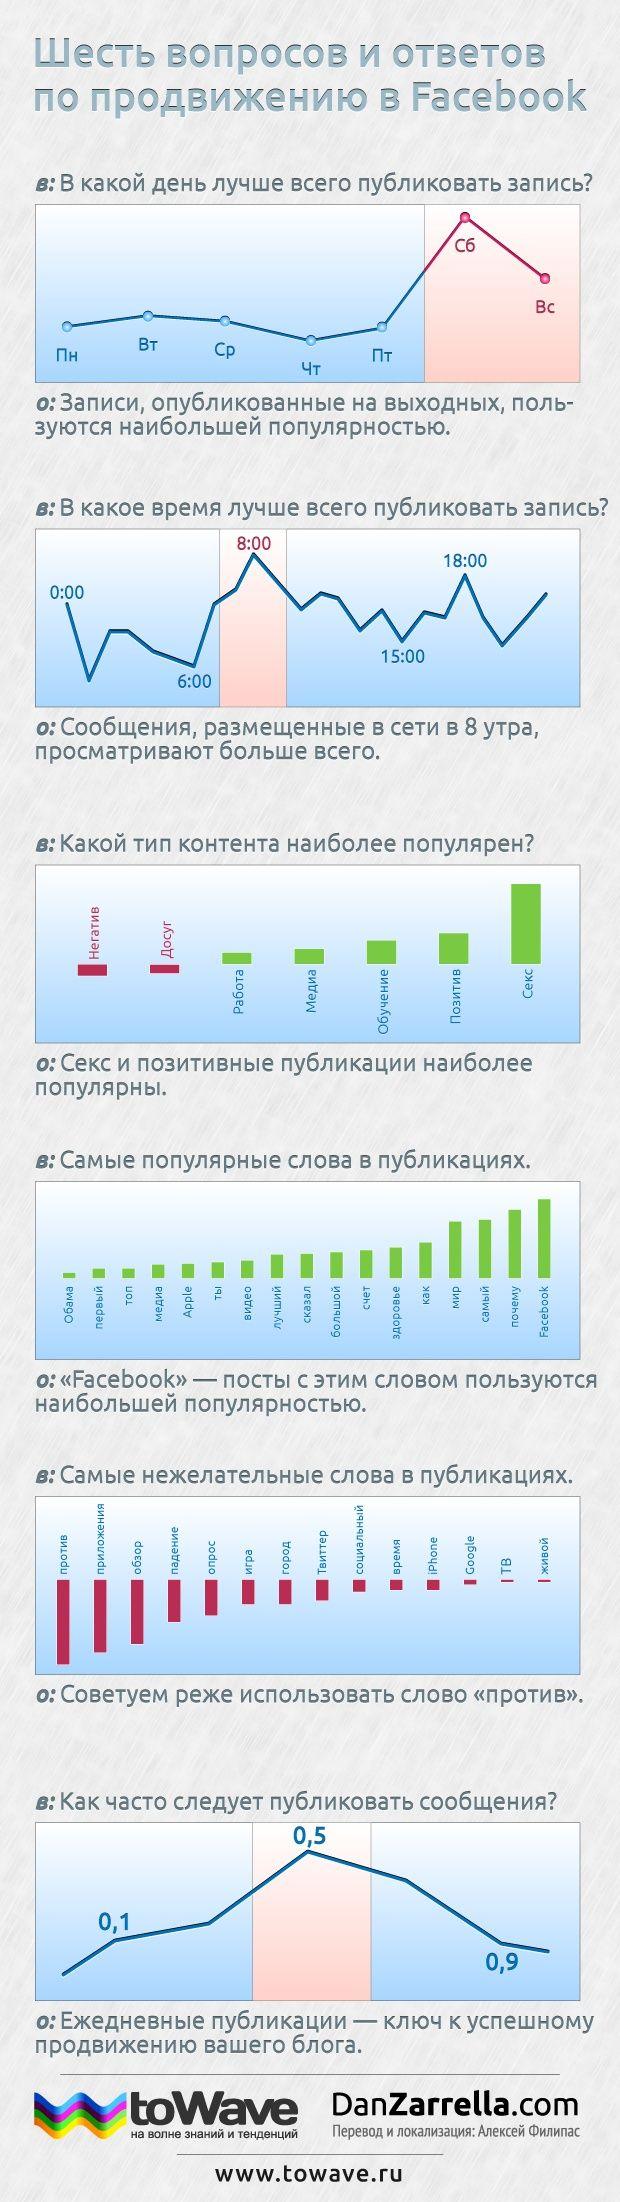 http://statictab.com/yxxo9wo ШЕСТЬ ВОПРОСОВ  И ОТВЕТОВ  ПО ПРОДВИЖЕНИЮ В #FACEBOOK